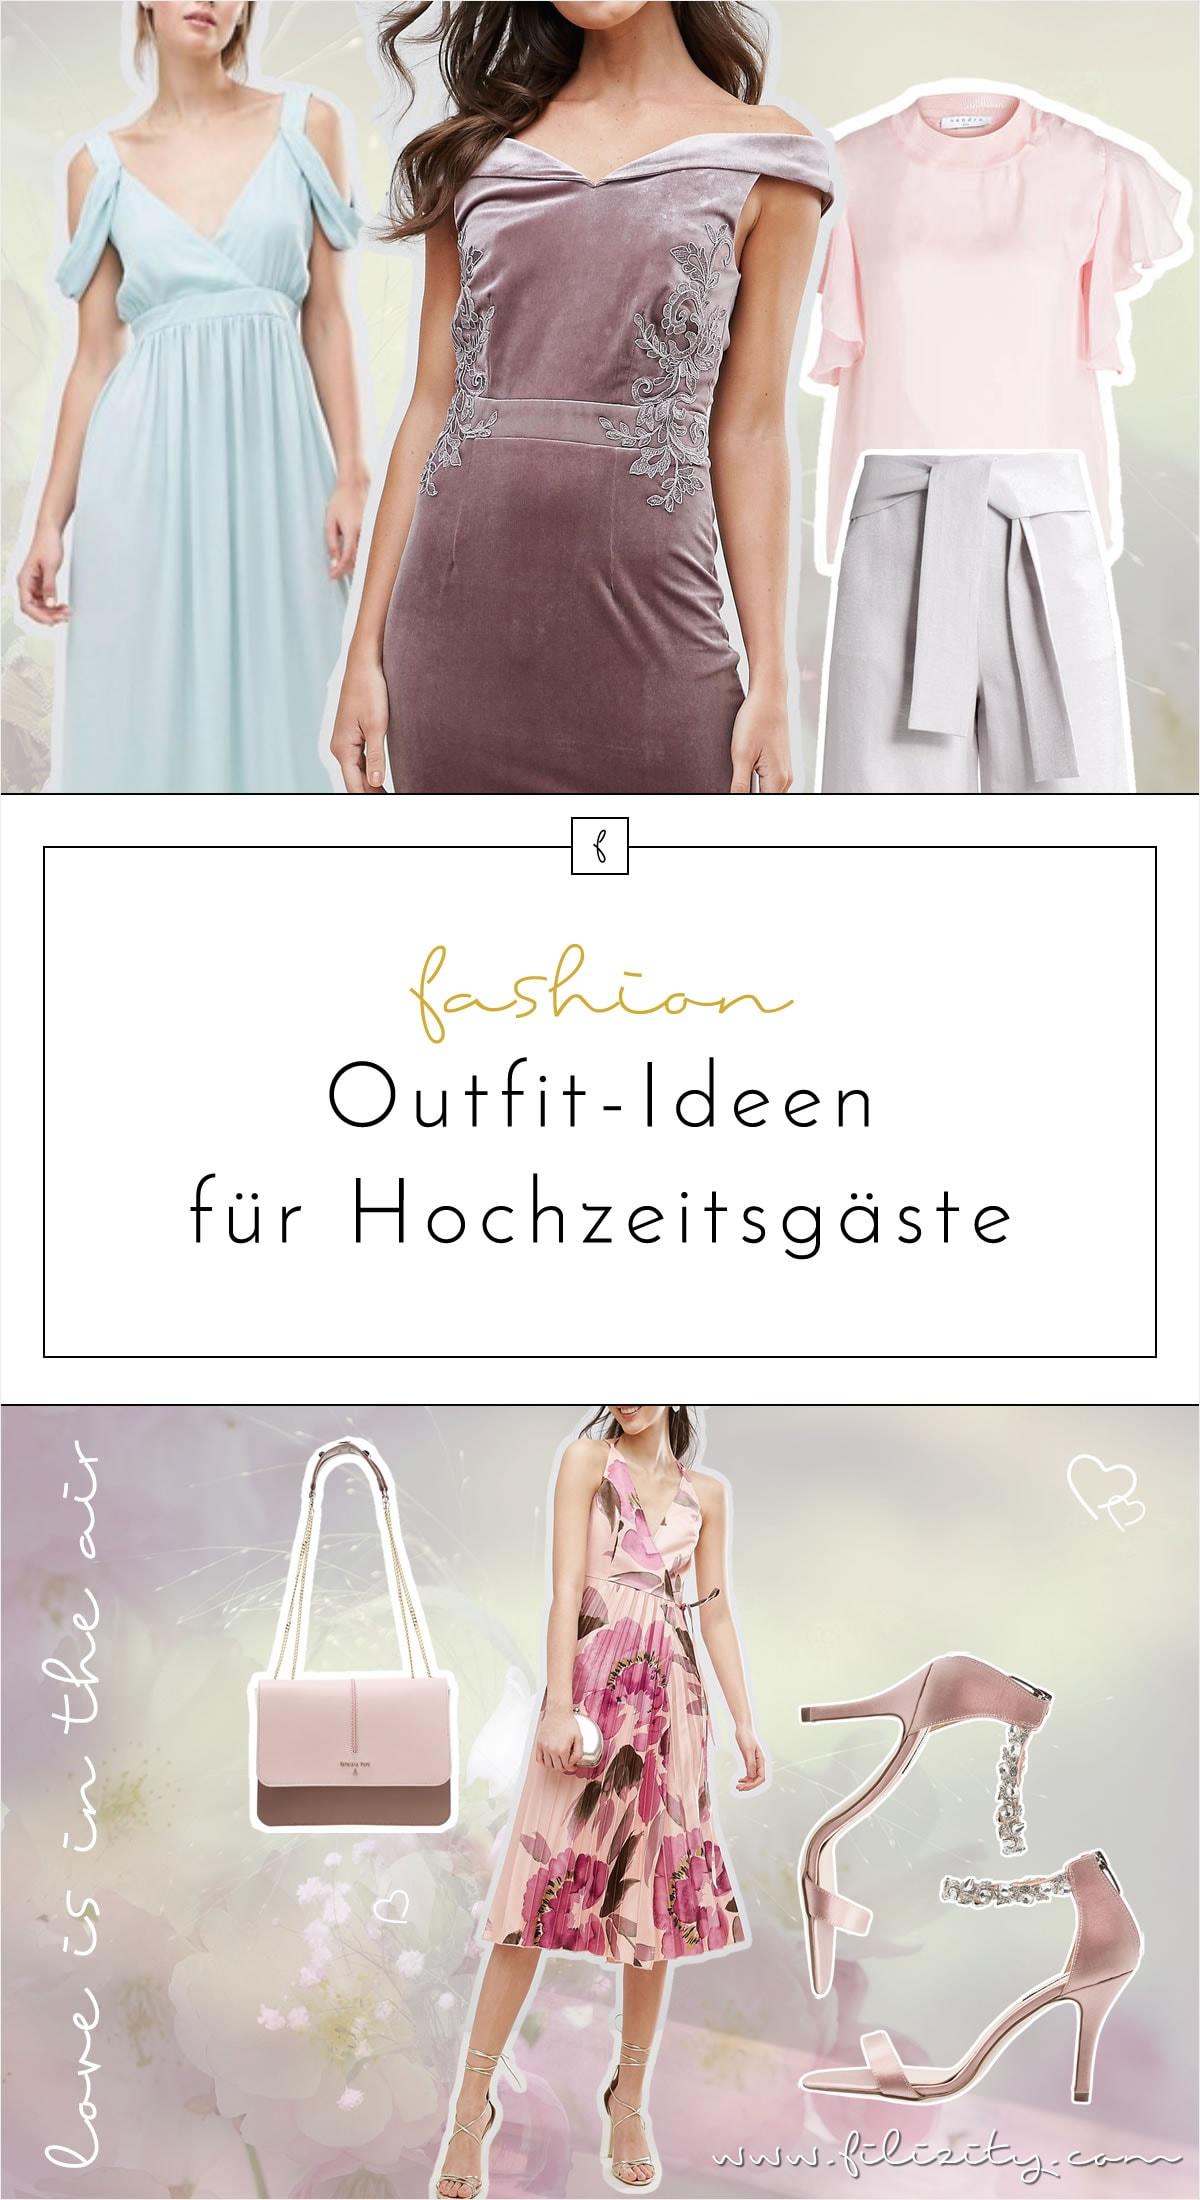 Perfekt Gestylt 4 Outfit Ideen Für Hochzeitsgäste Filizitycom